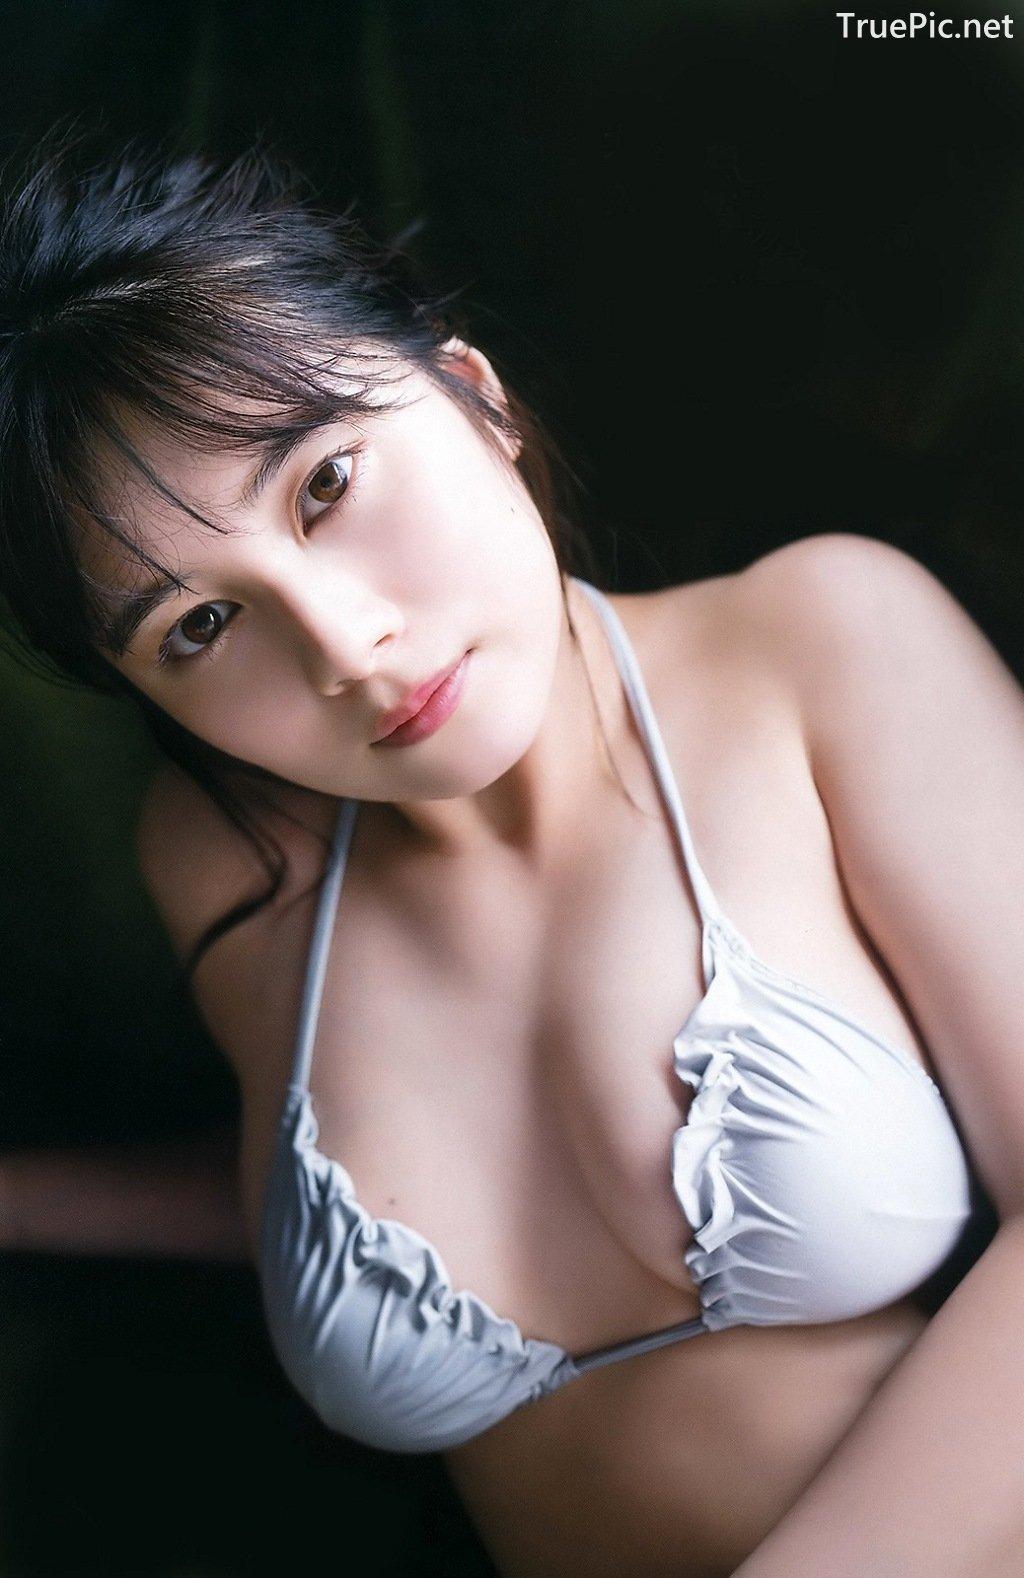 Image Japanese Actress - Okubo Sakurako - [Digital-PB] My Baby Island - TruePic.net - Picture-9